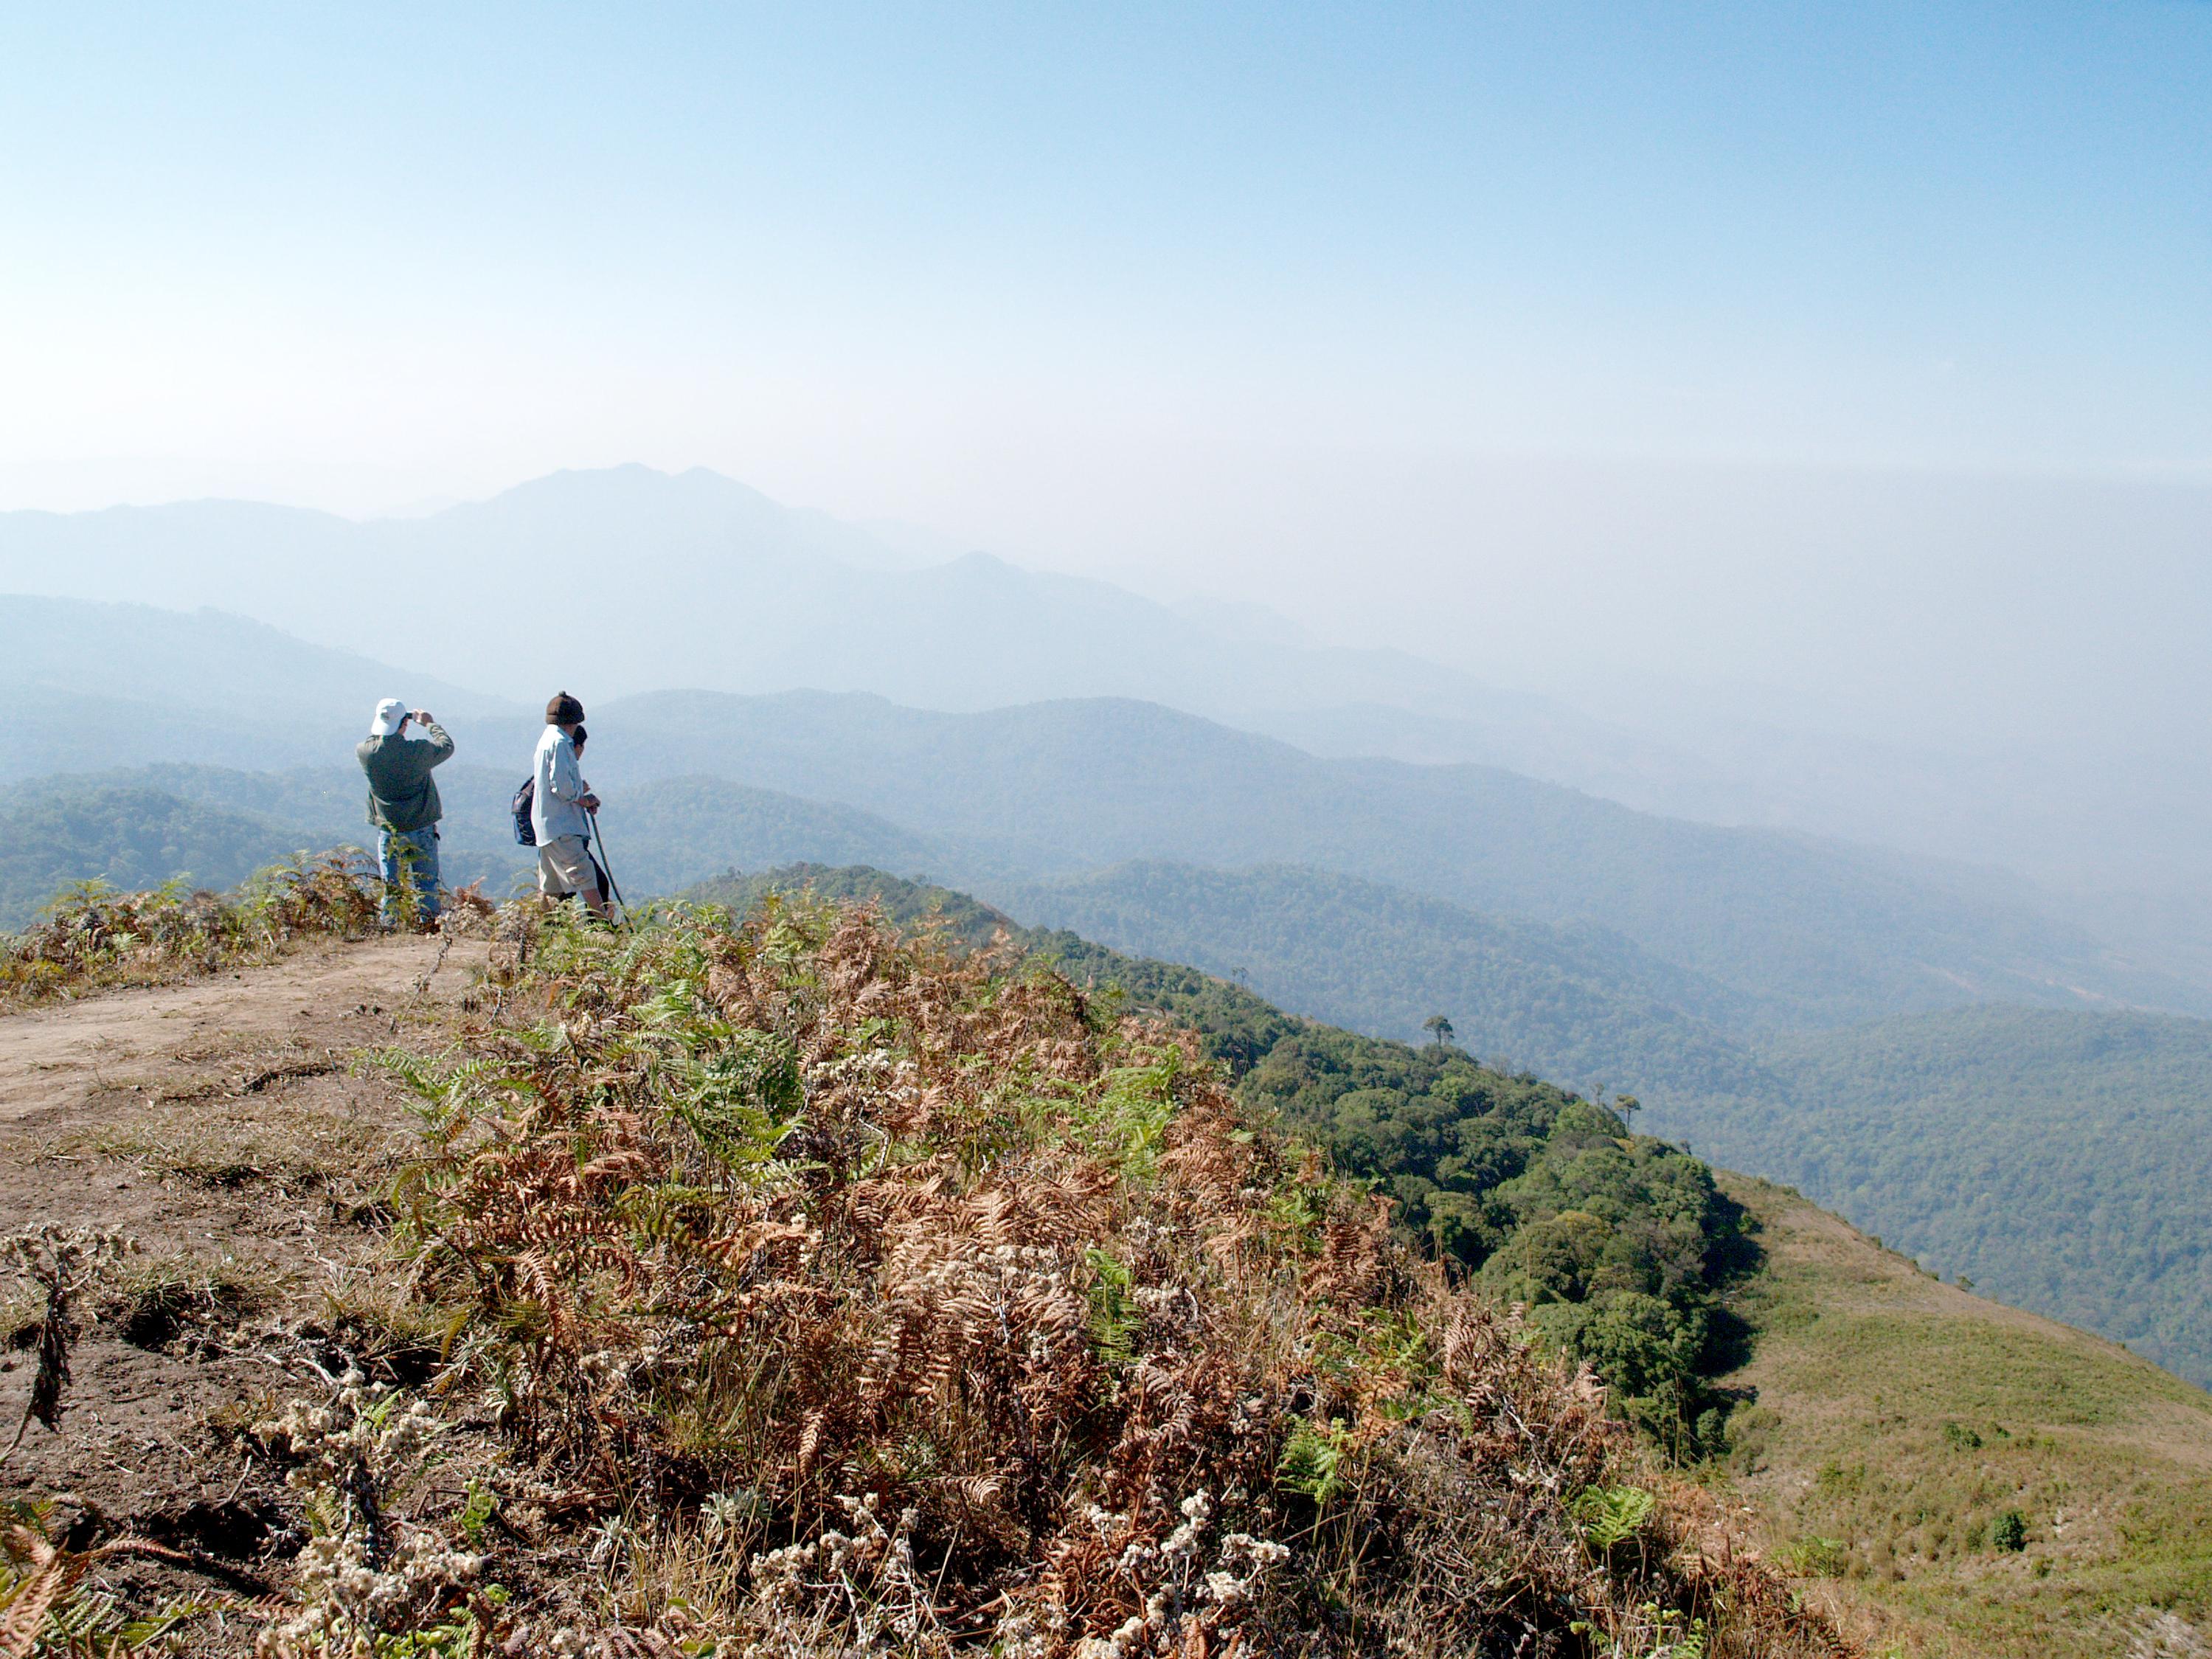 Mountain, Doi Inthanon national park